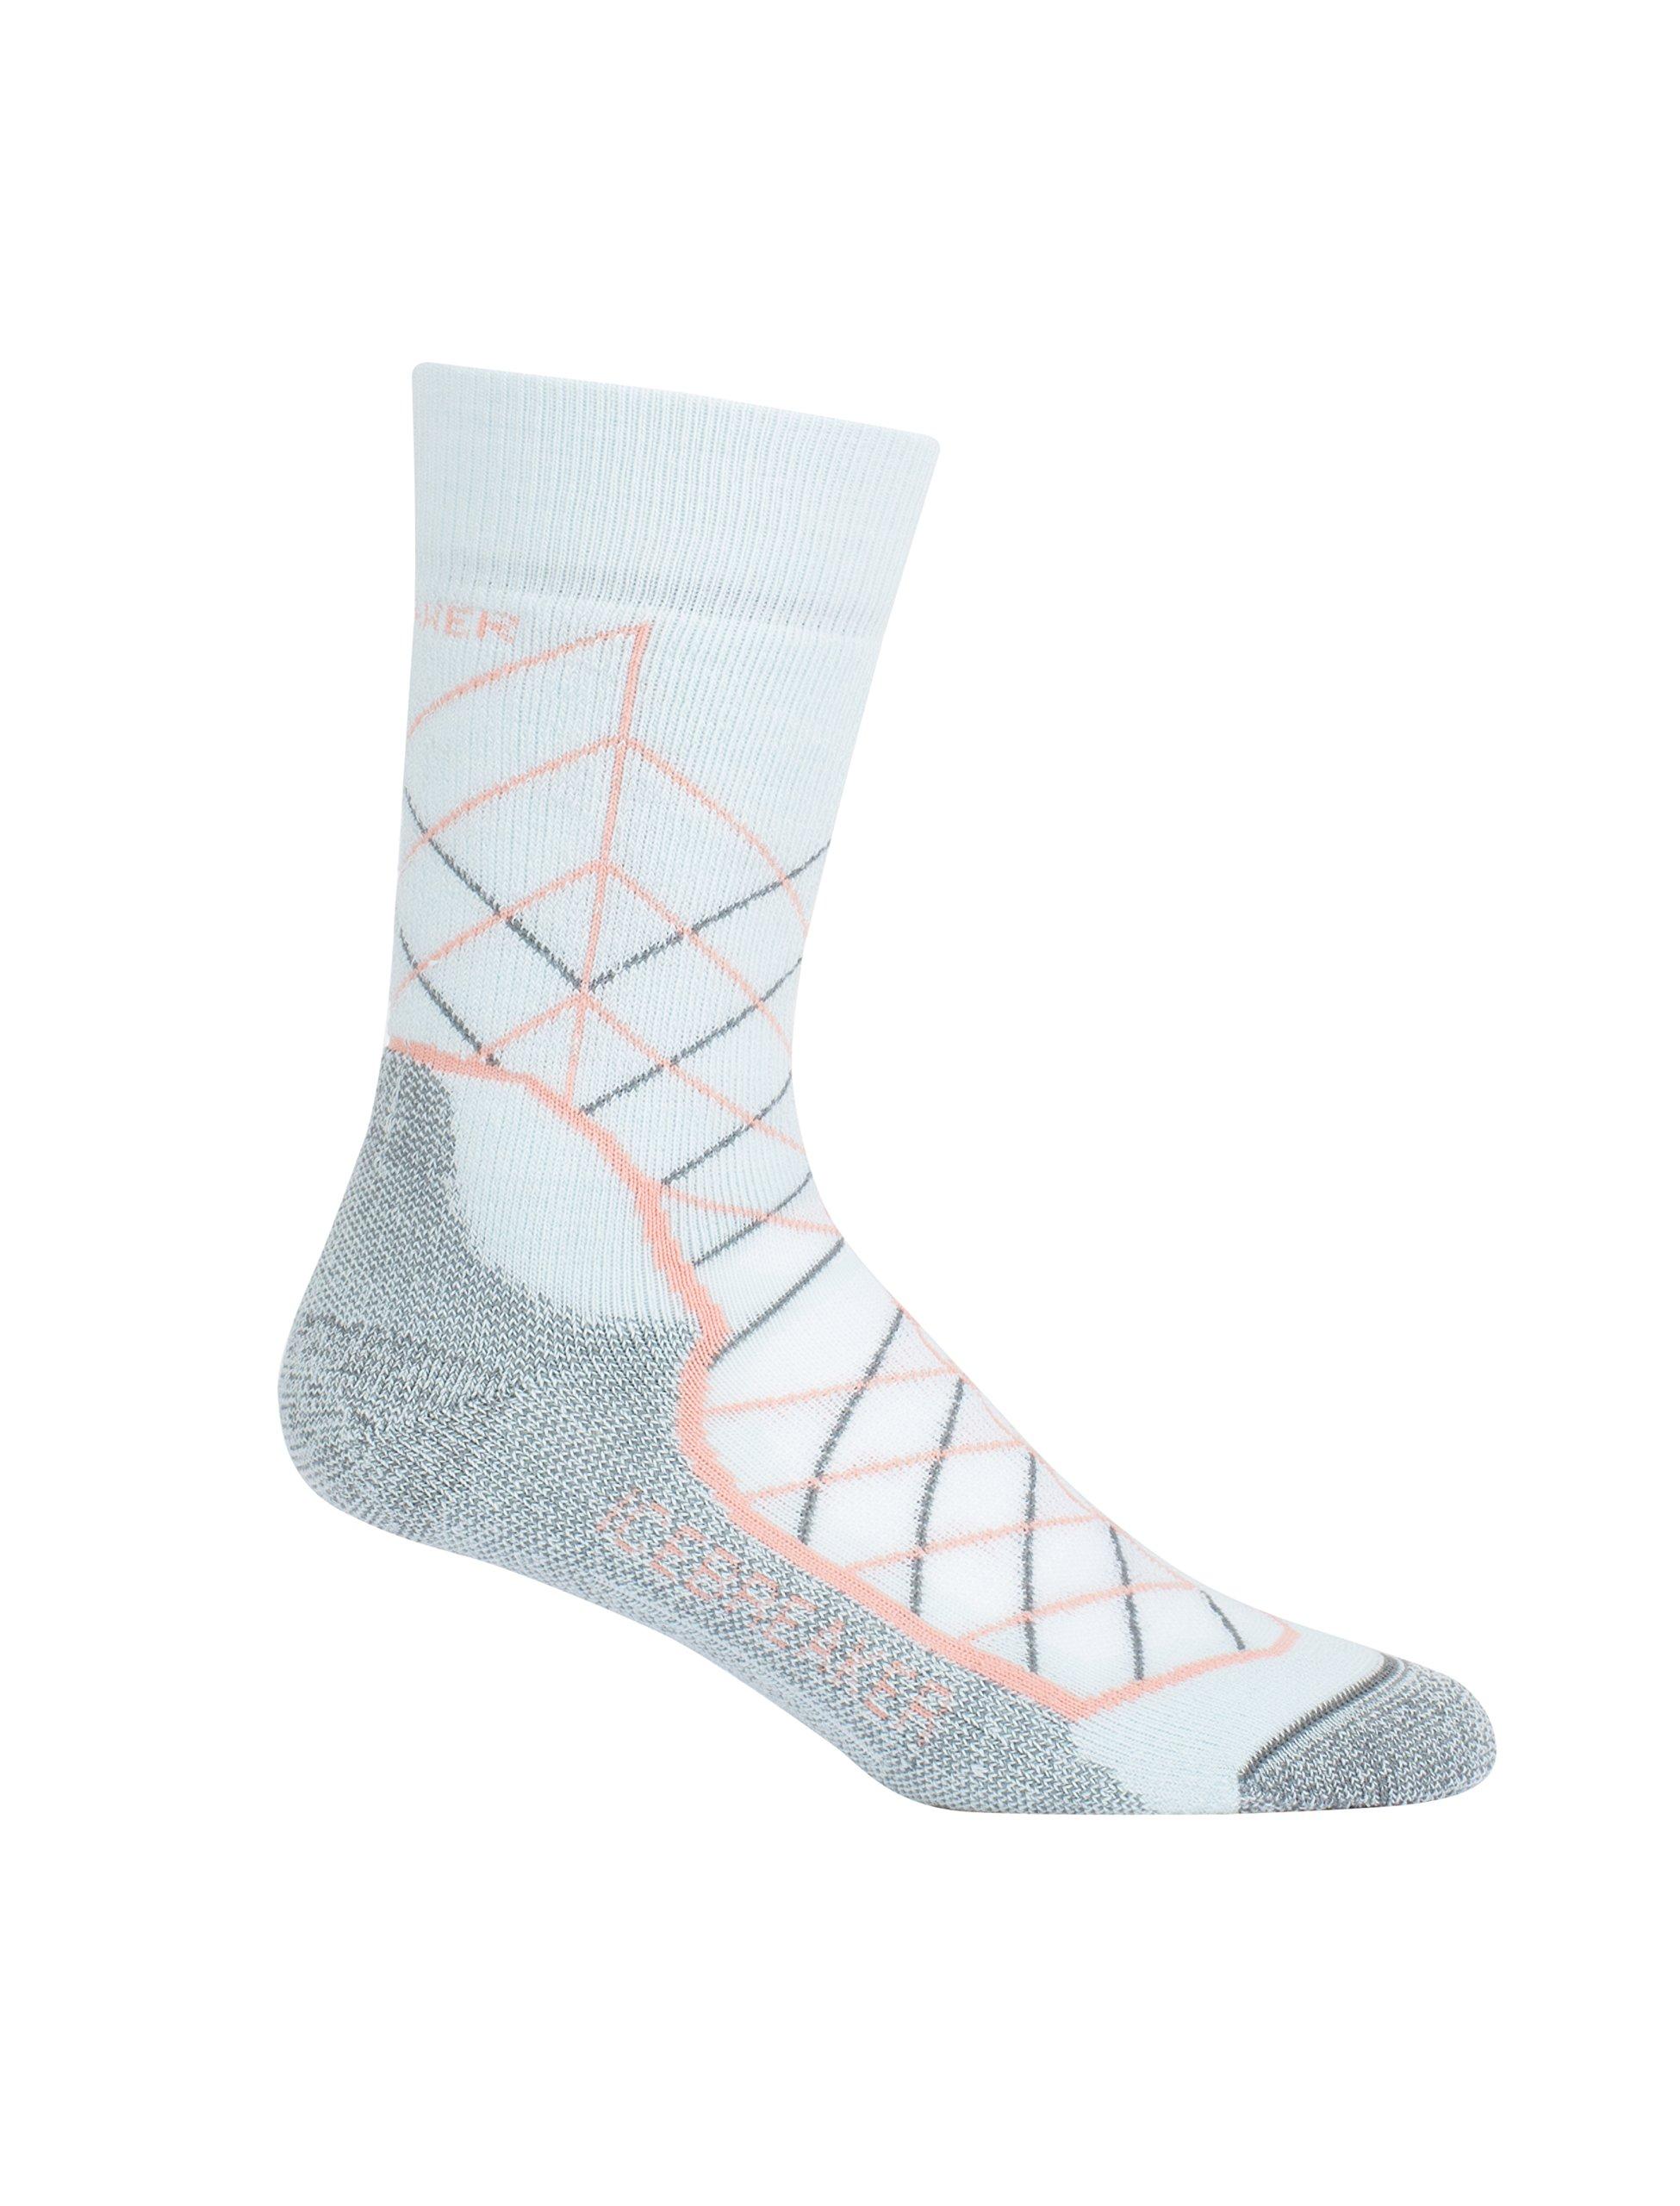 Icebreaker Merino Women's Hike+ Medium Crew Metric Pattern Socks, Metric/Dew/Sorbet/Metal, Large by Icebreaker Merino